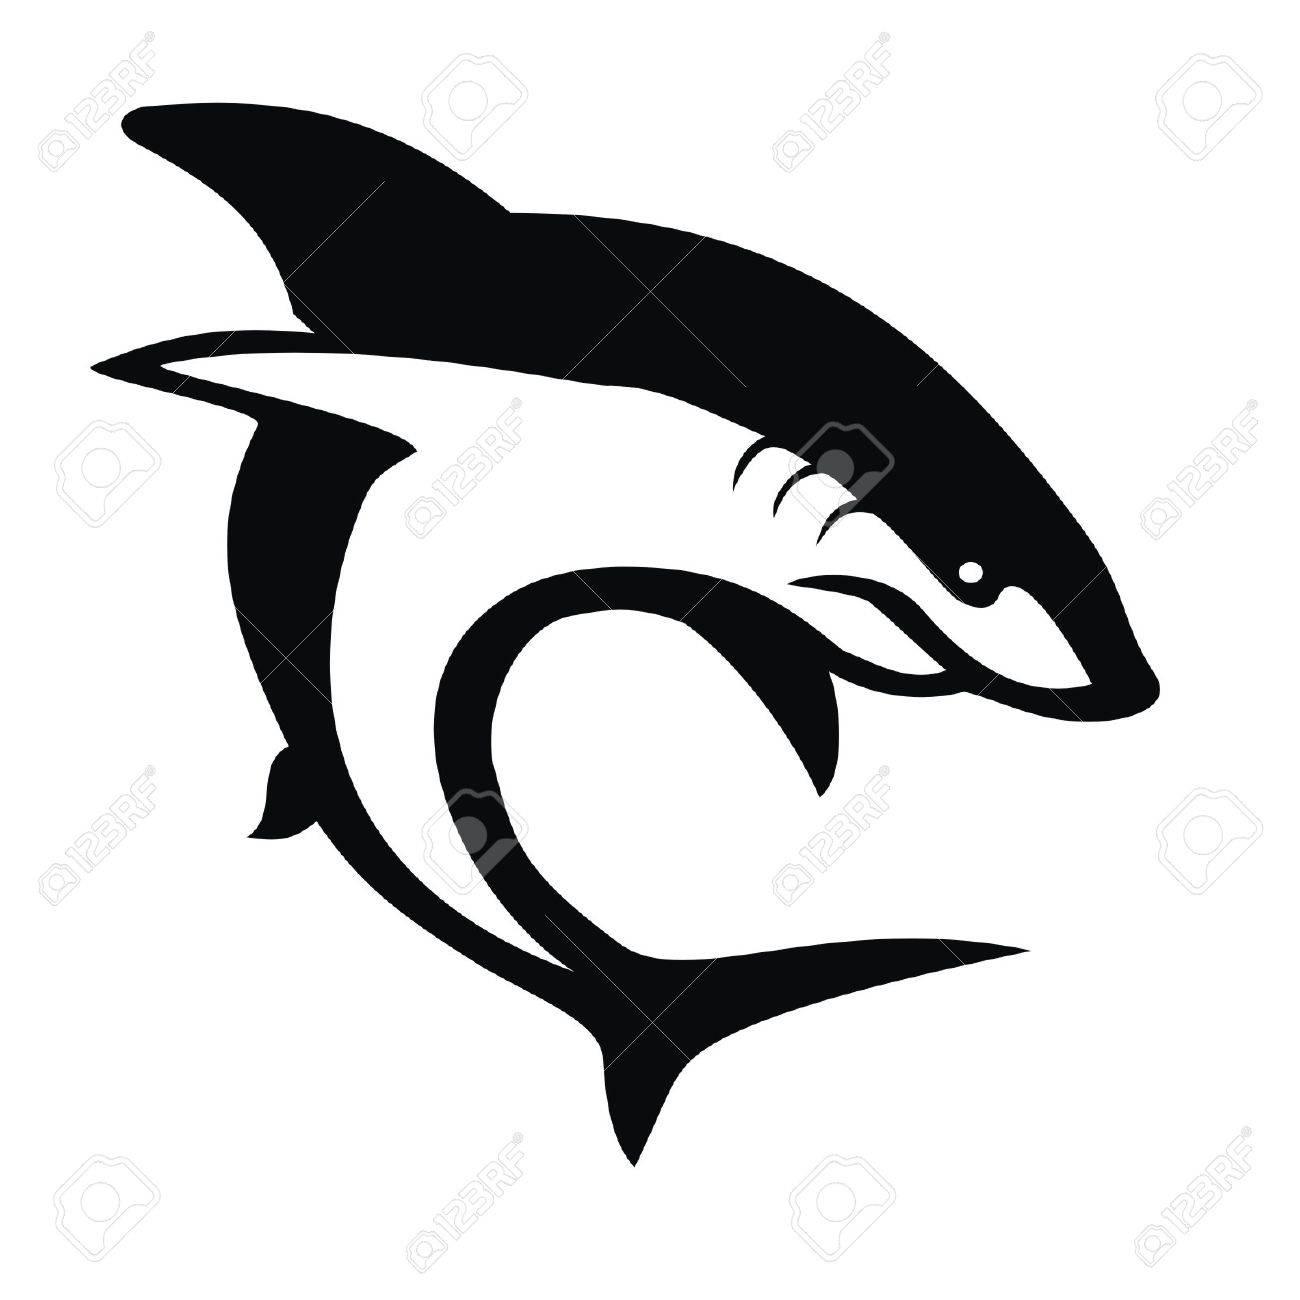 shark - 20098426